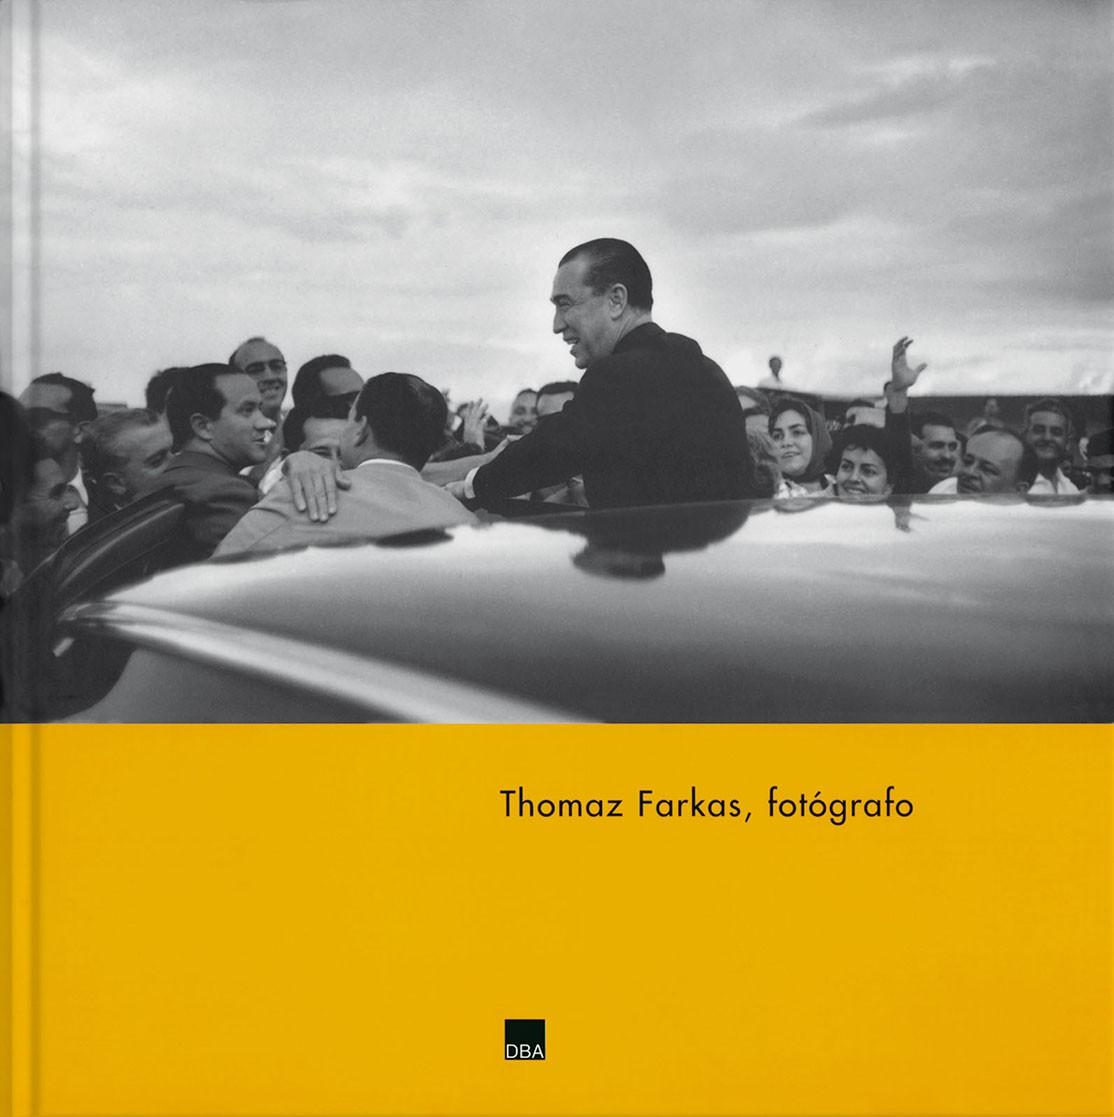 Thomaz Farkas, fotógrafo